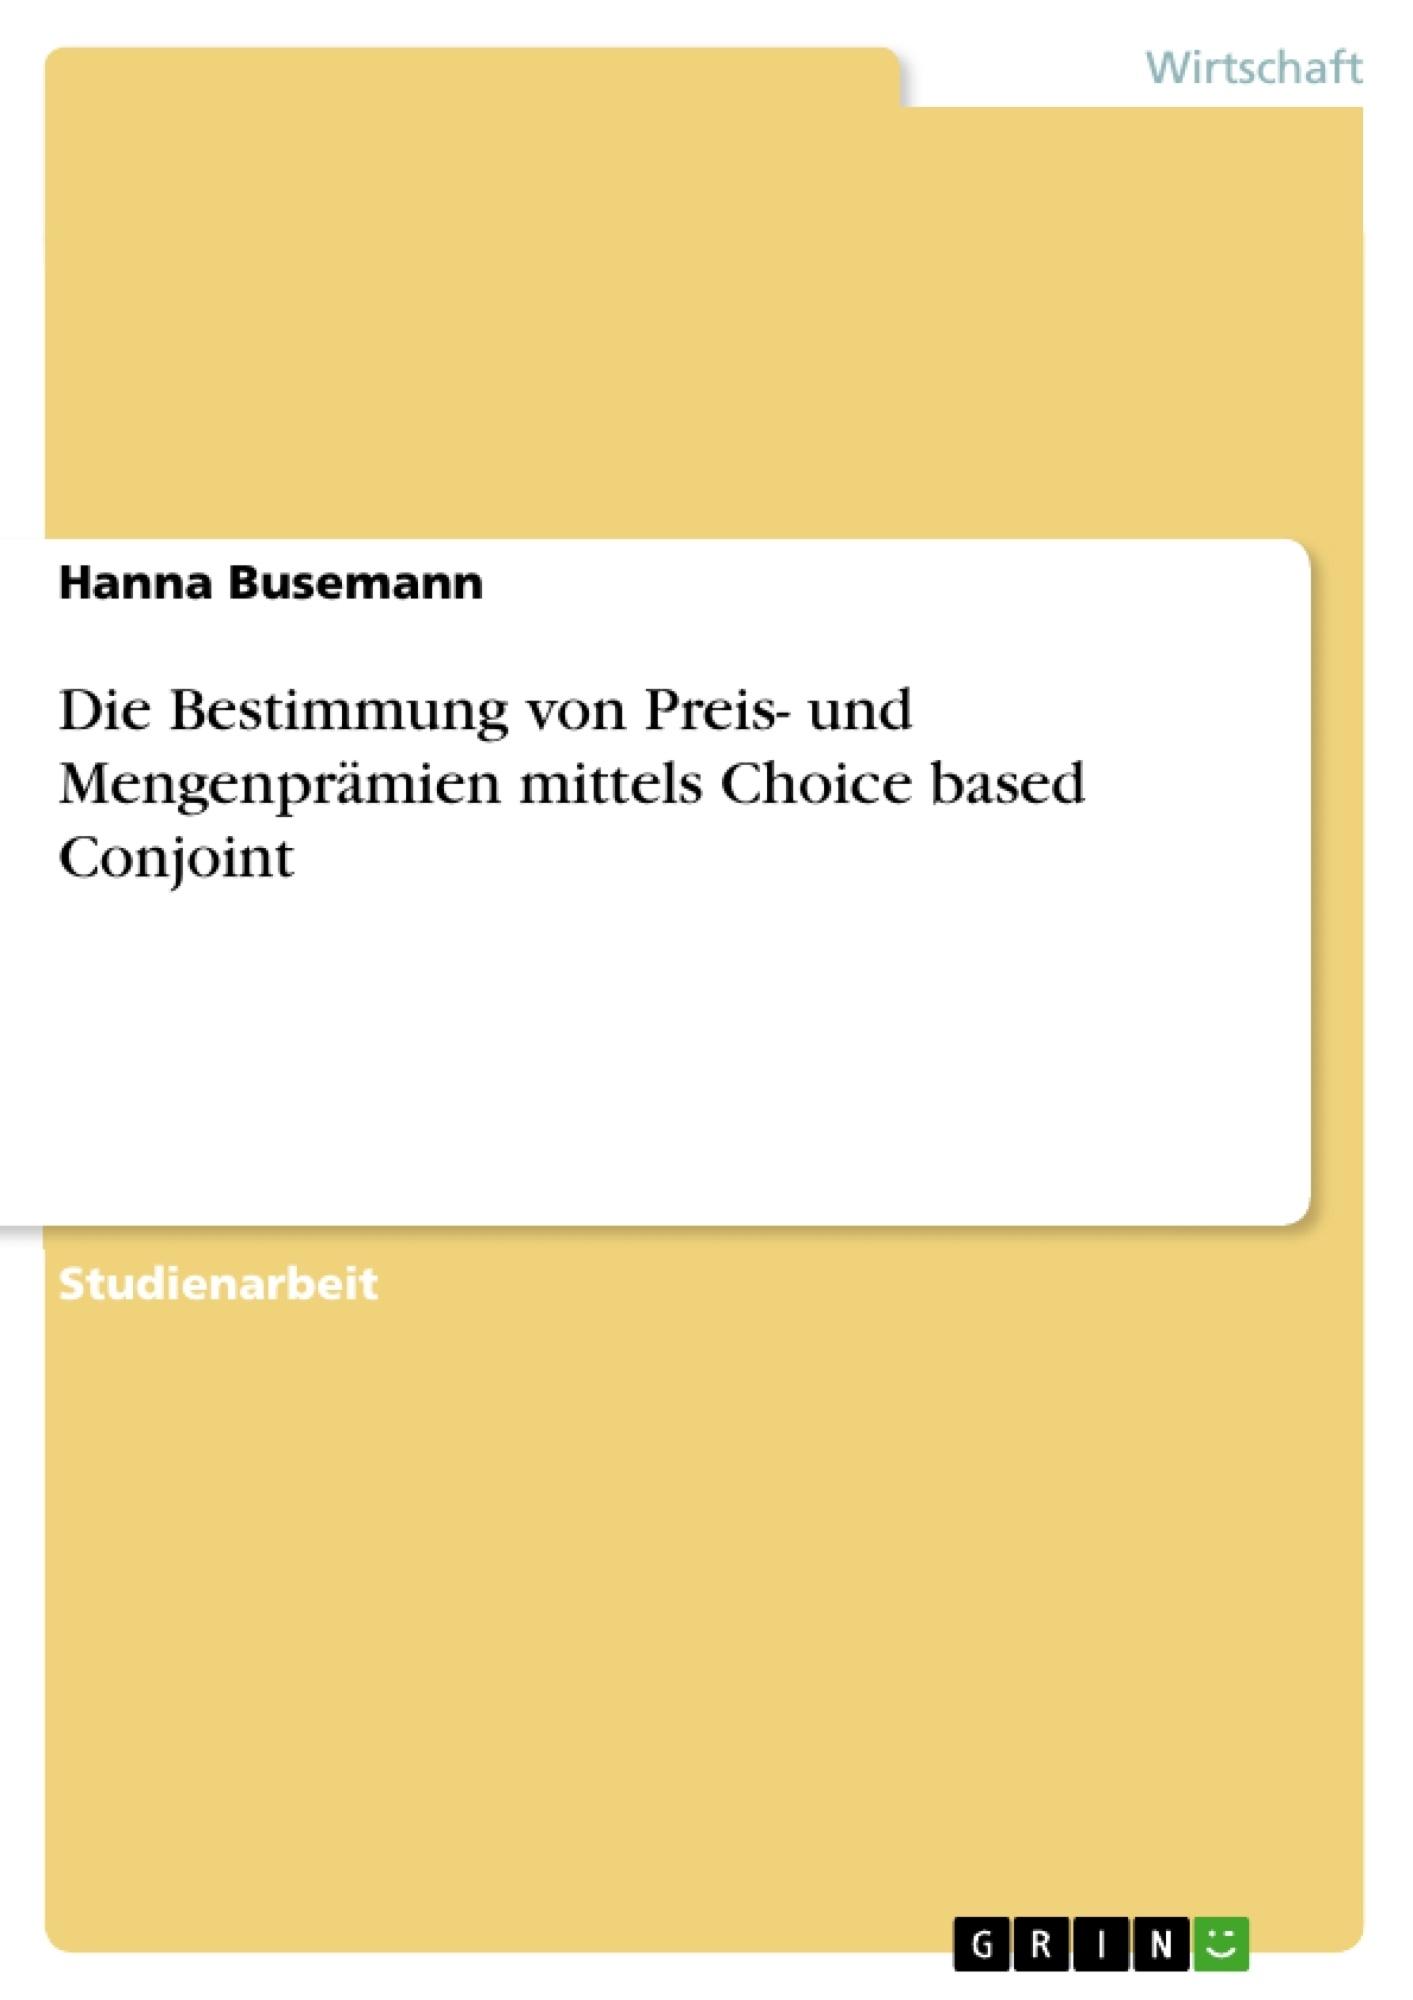 Titel: Die Bestimmung von Preis- und Mengenprämien mittels Choice based Conjoint